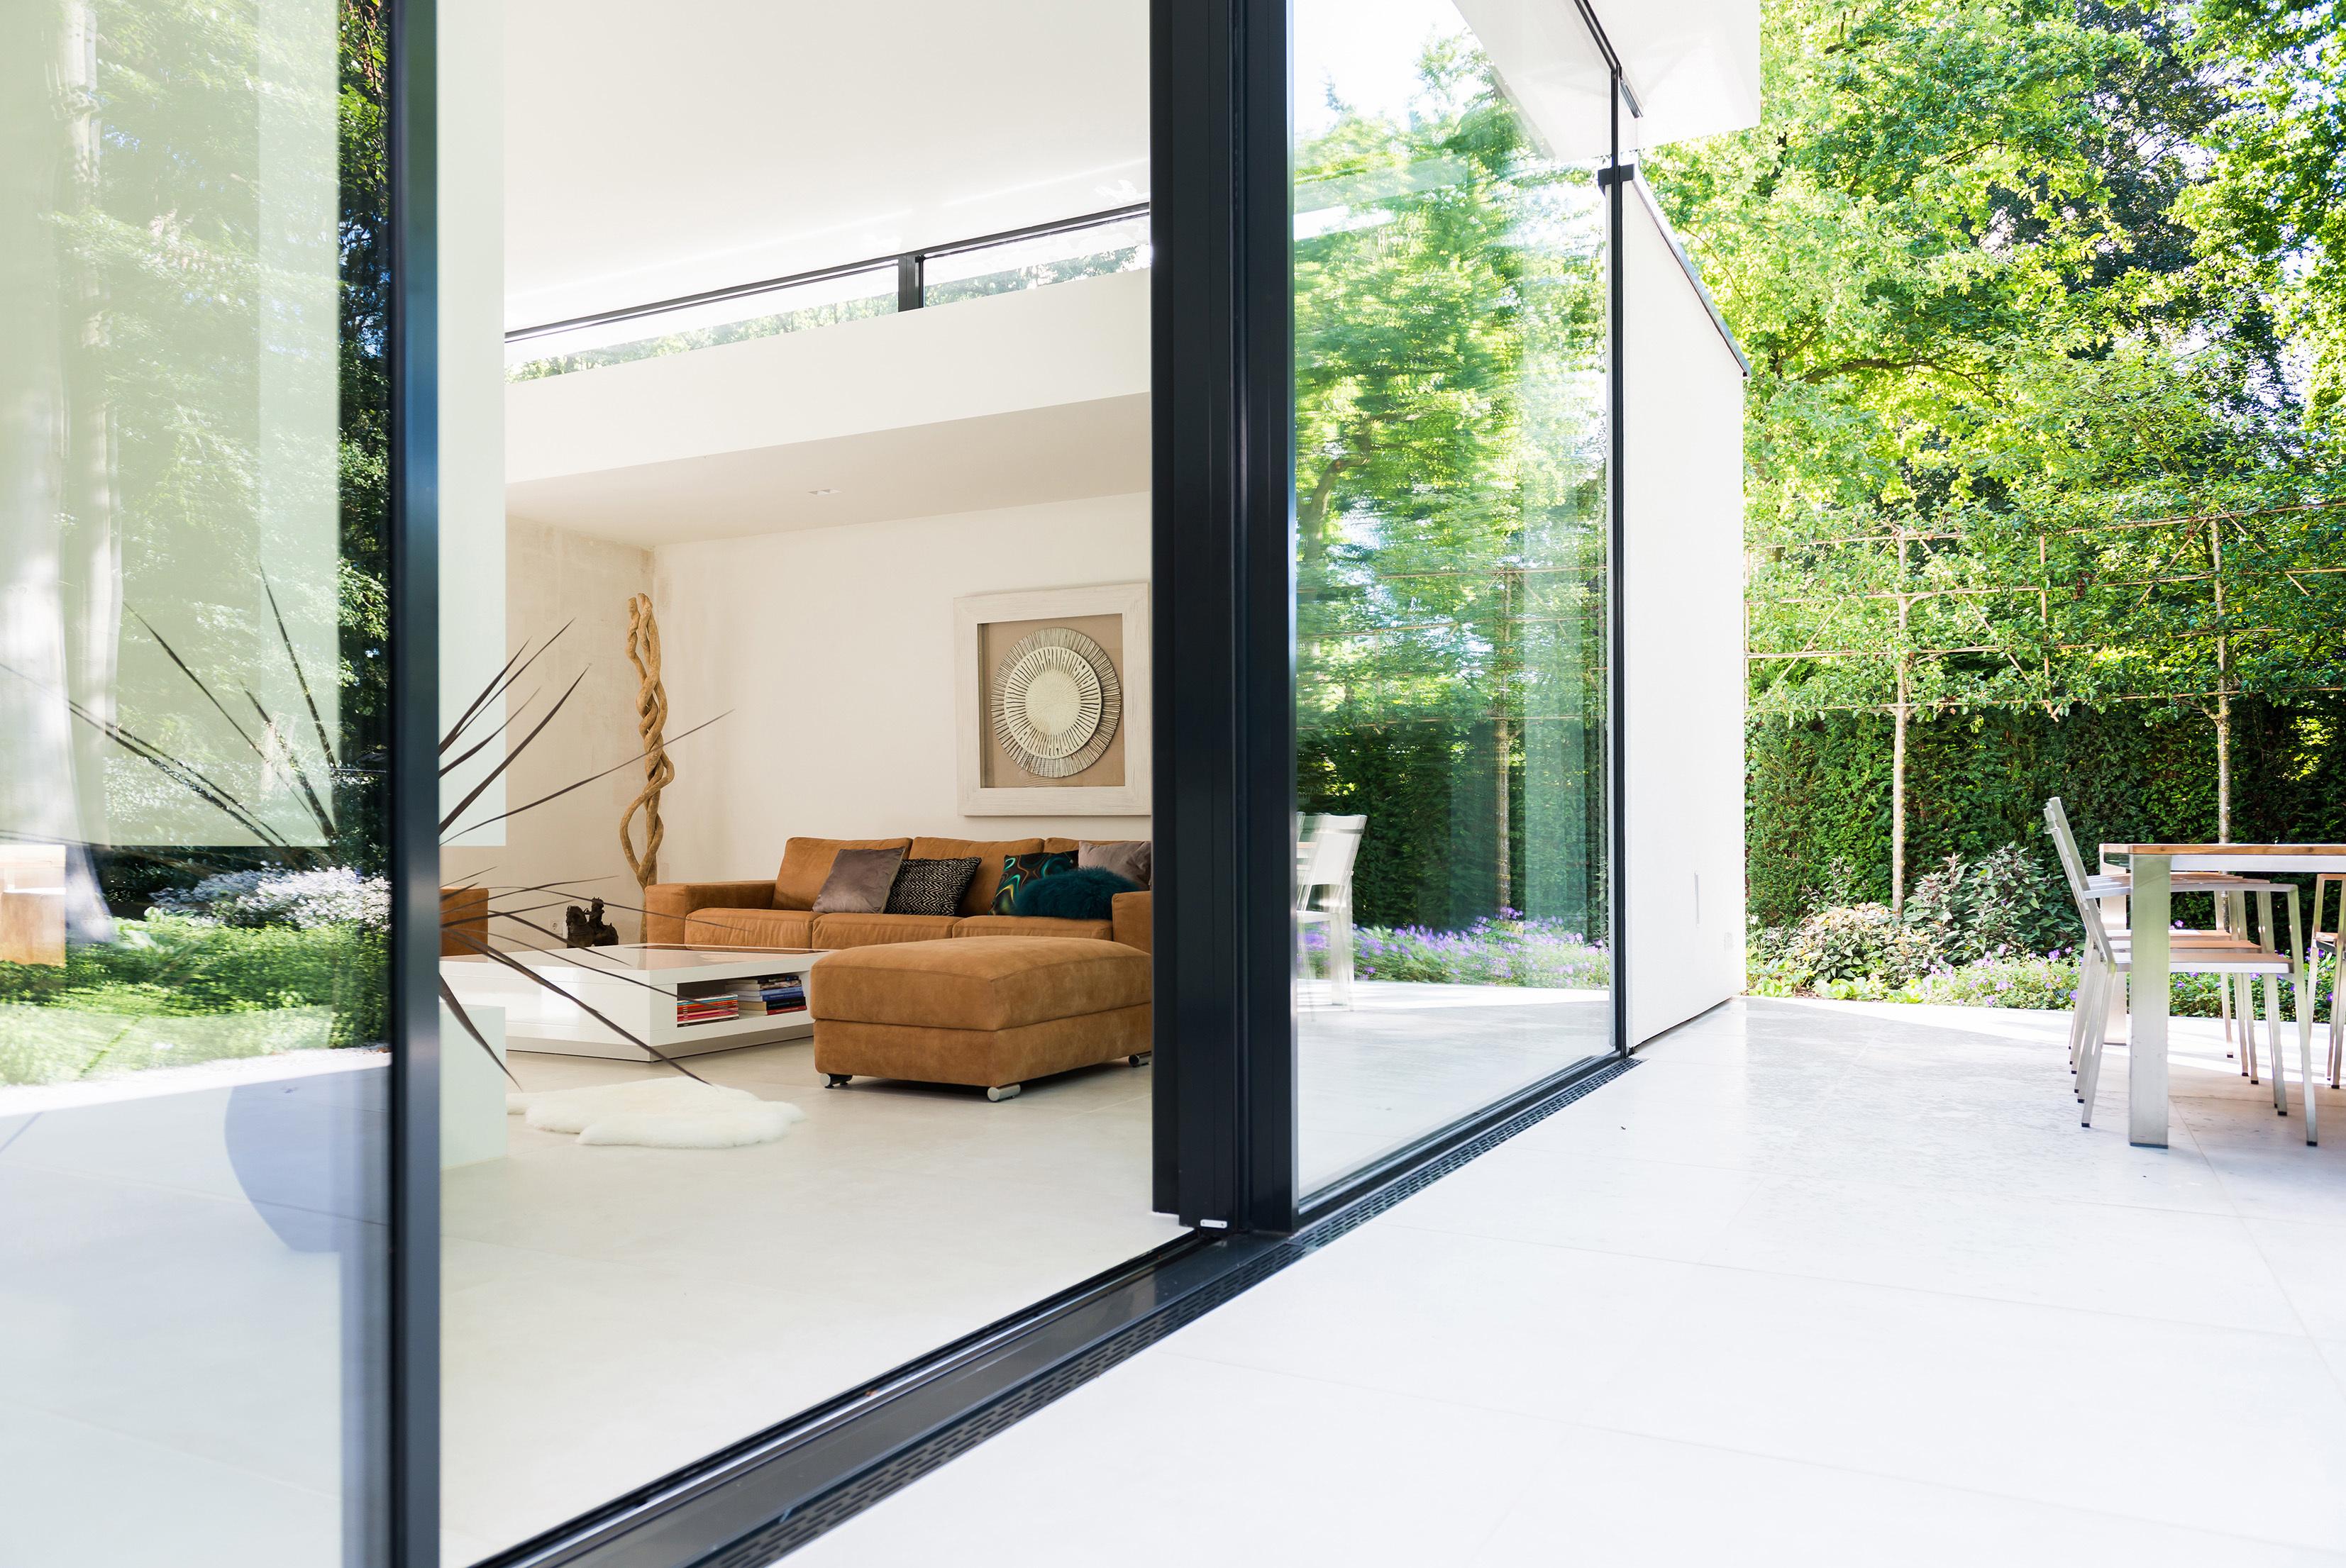 Cero schiebefenster von solarlux stylepark for Schiebe fenster